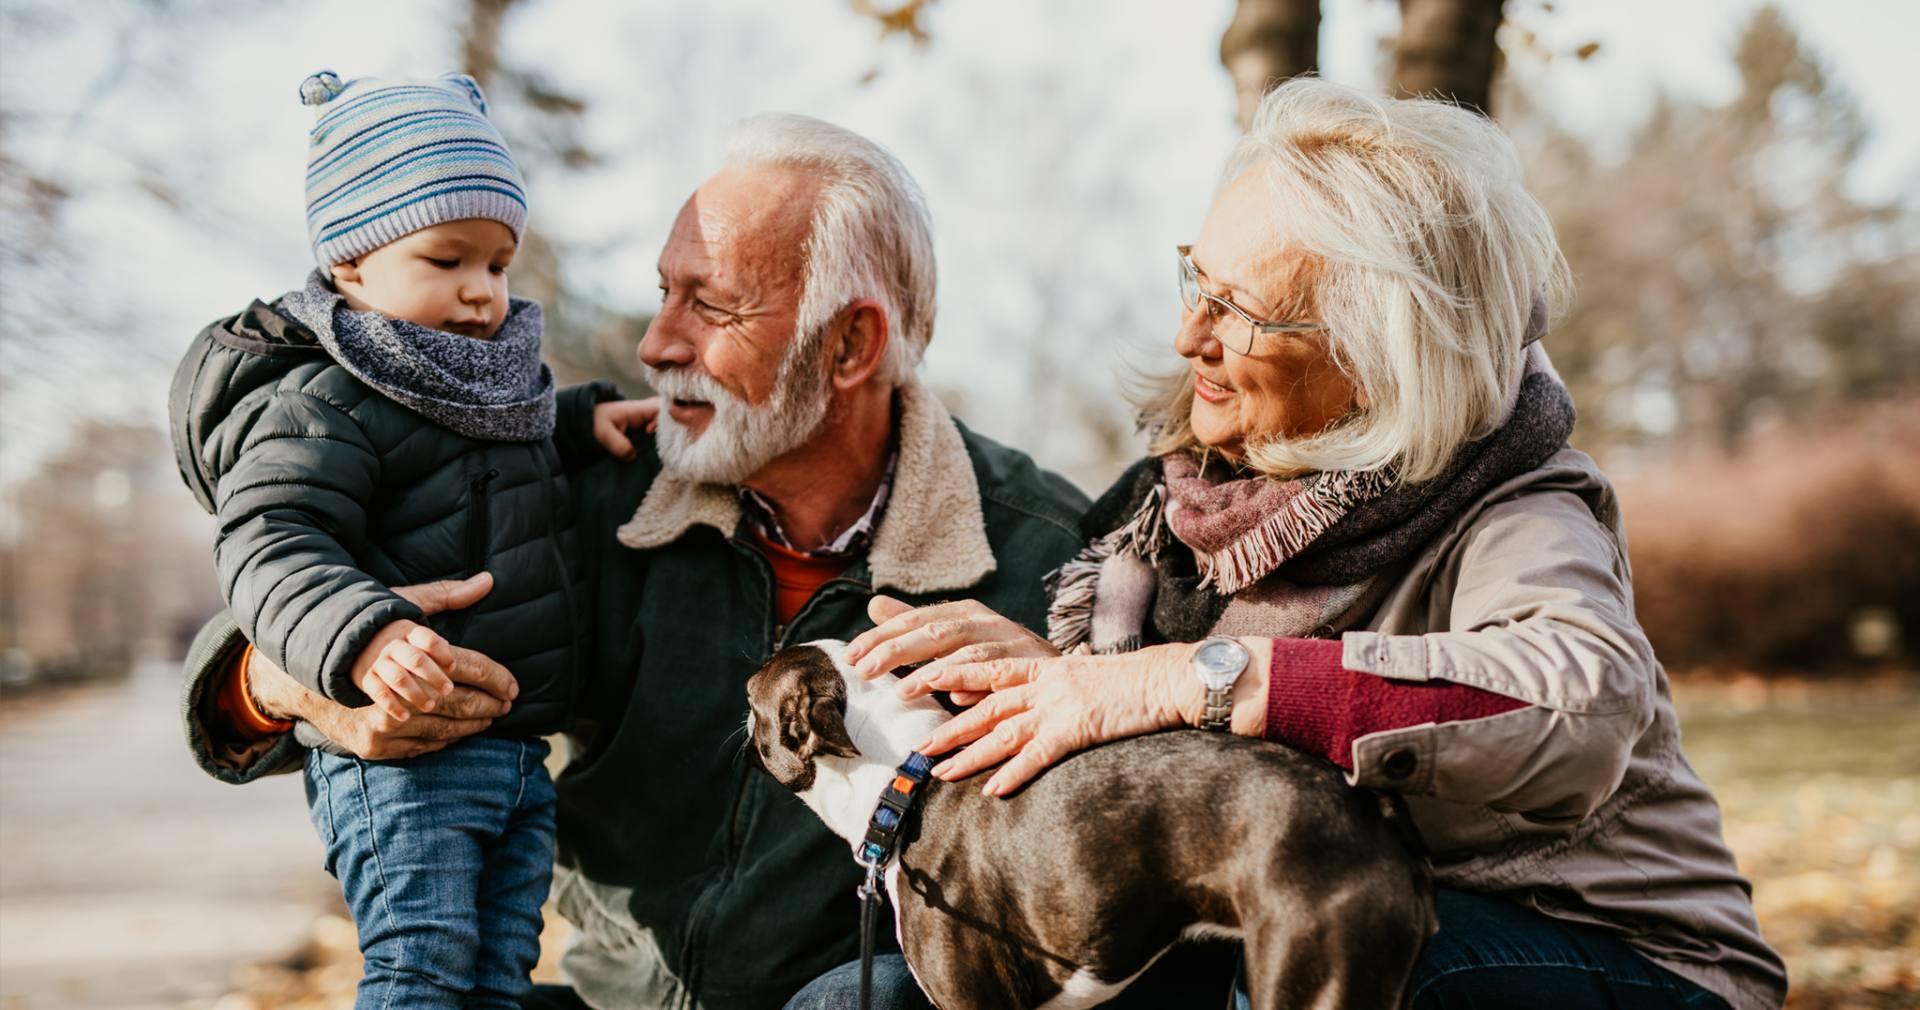 dziadkowie z wnukiem i psem na spacerze